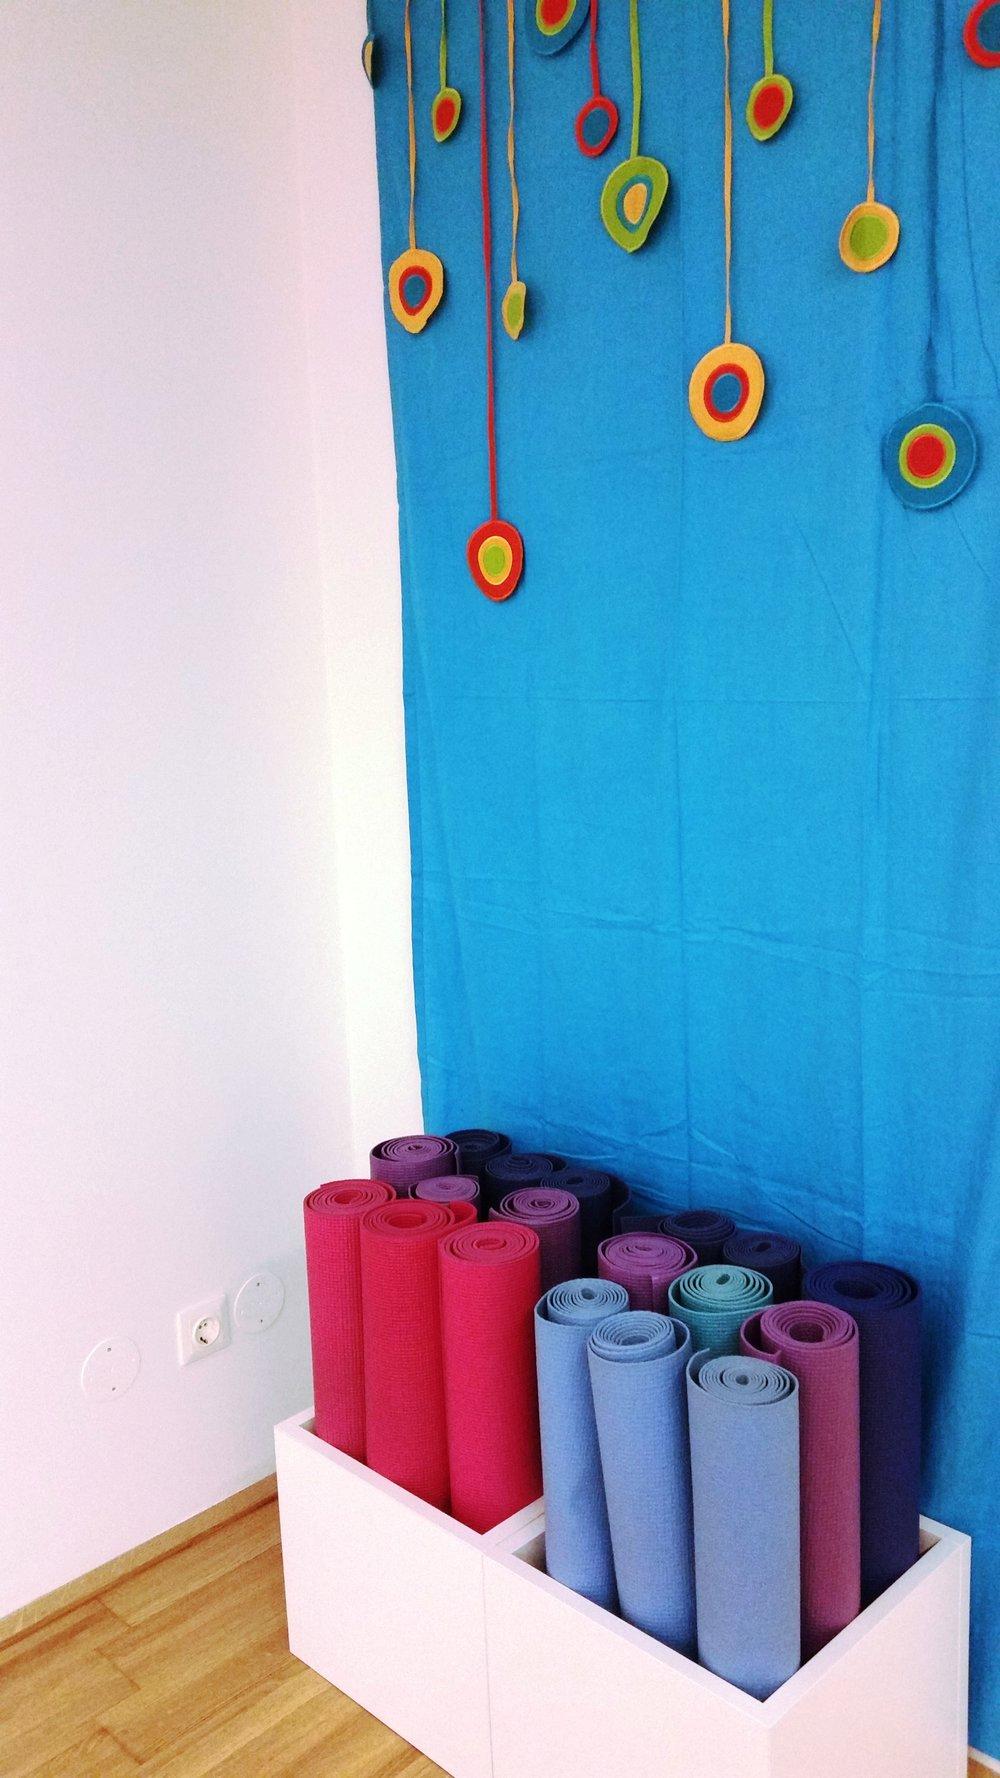 Yogamatten, Kissen und Decken warten auf Dich im Studio